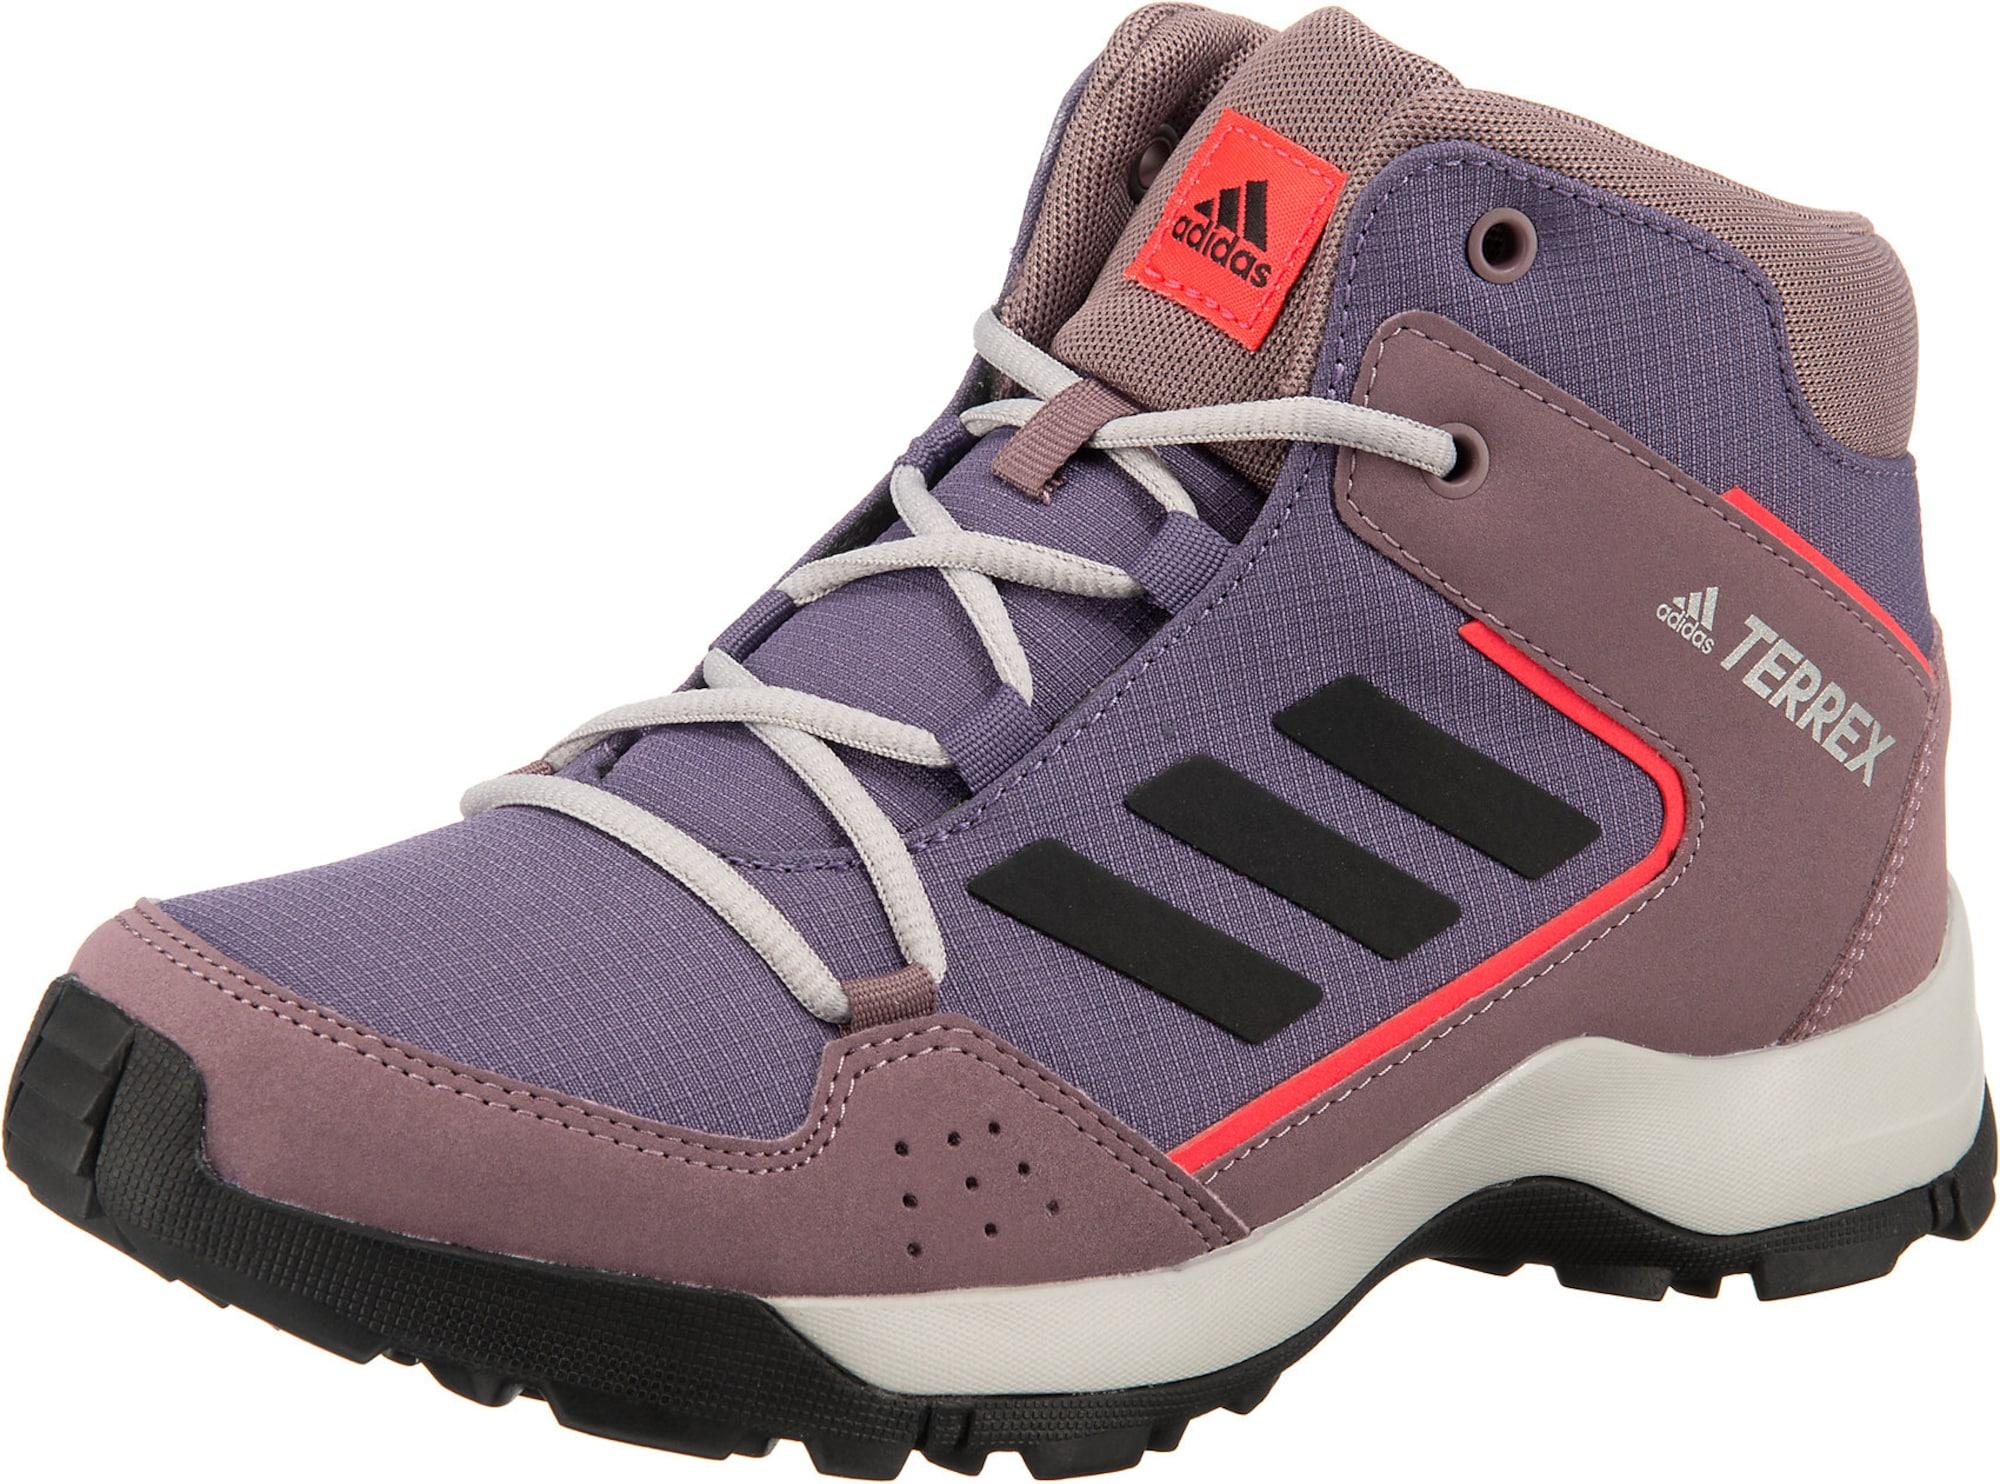 ADIDAS PERFORMANCE Auliniai batai tamsiai violetinė / neoninė rožinė / pastelinė violetinė